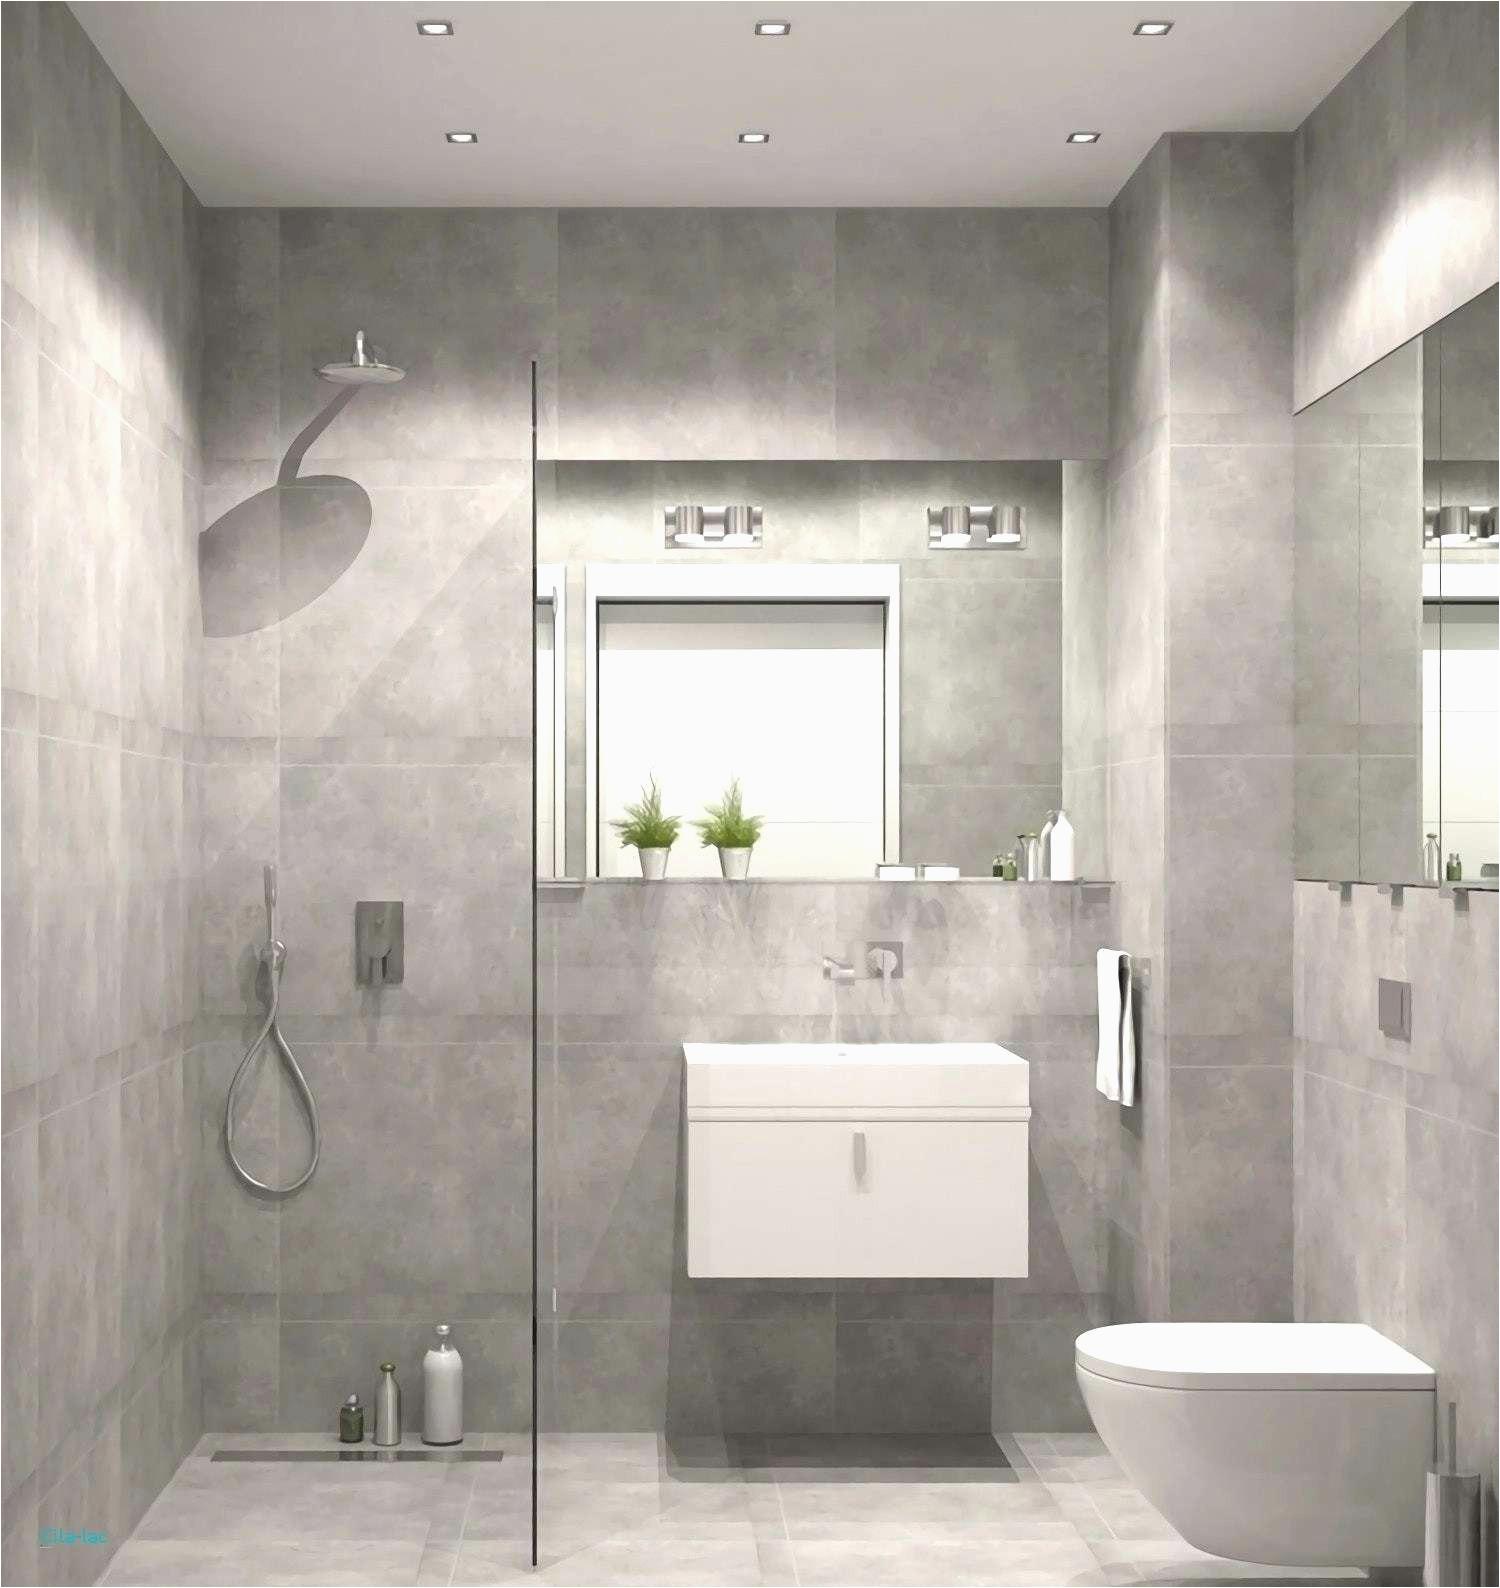 badgestaltung fliesen beispiele basic fliesen ideen bad pvc boden pvc badezimmer 0d inspiration von skizze of badgestaltung fliesen beispiele